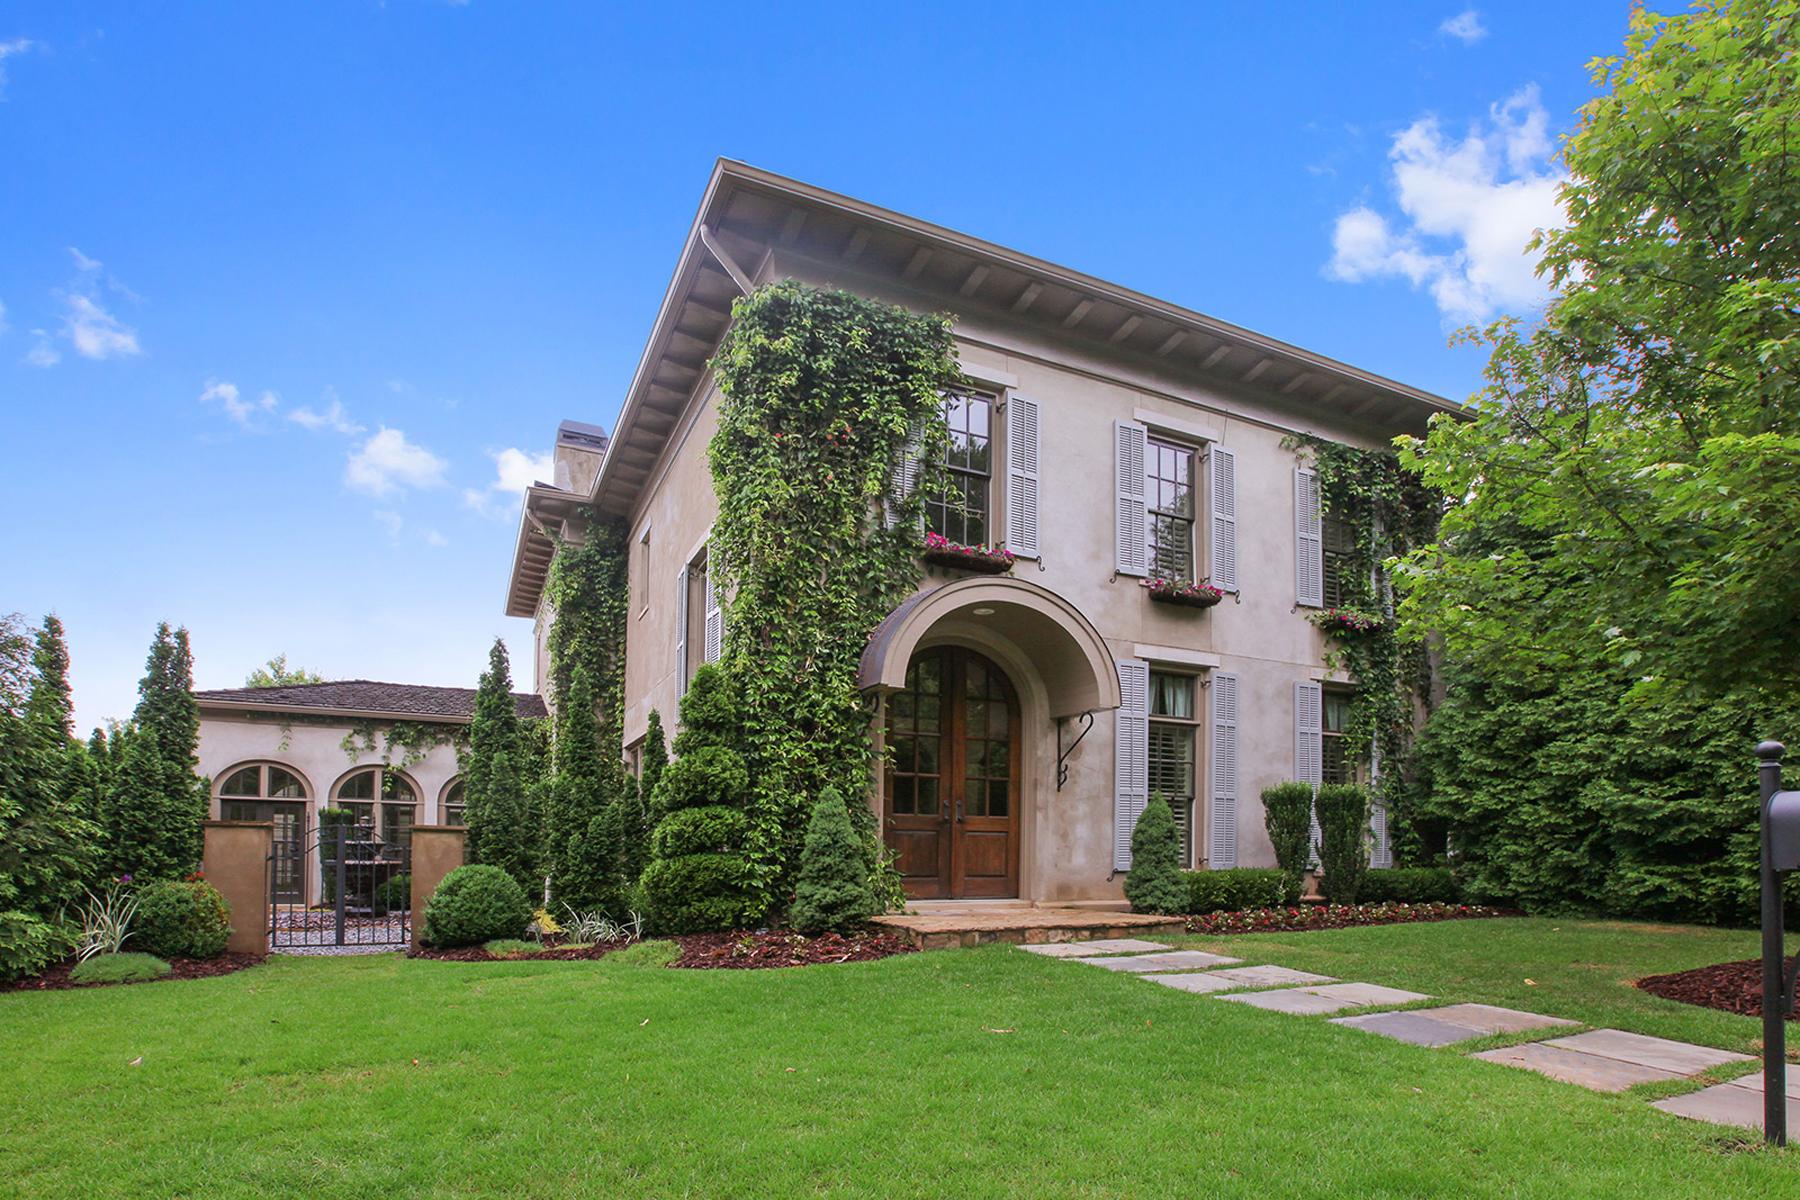 Einfamilienhaus für Verkauf beim A Private Oasis In Vickery 6835 Bucks Road Cumming, Georgia 30040 Vereinigte Staaten